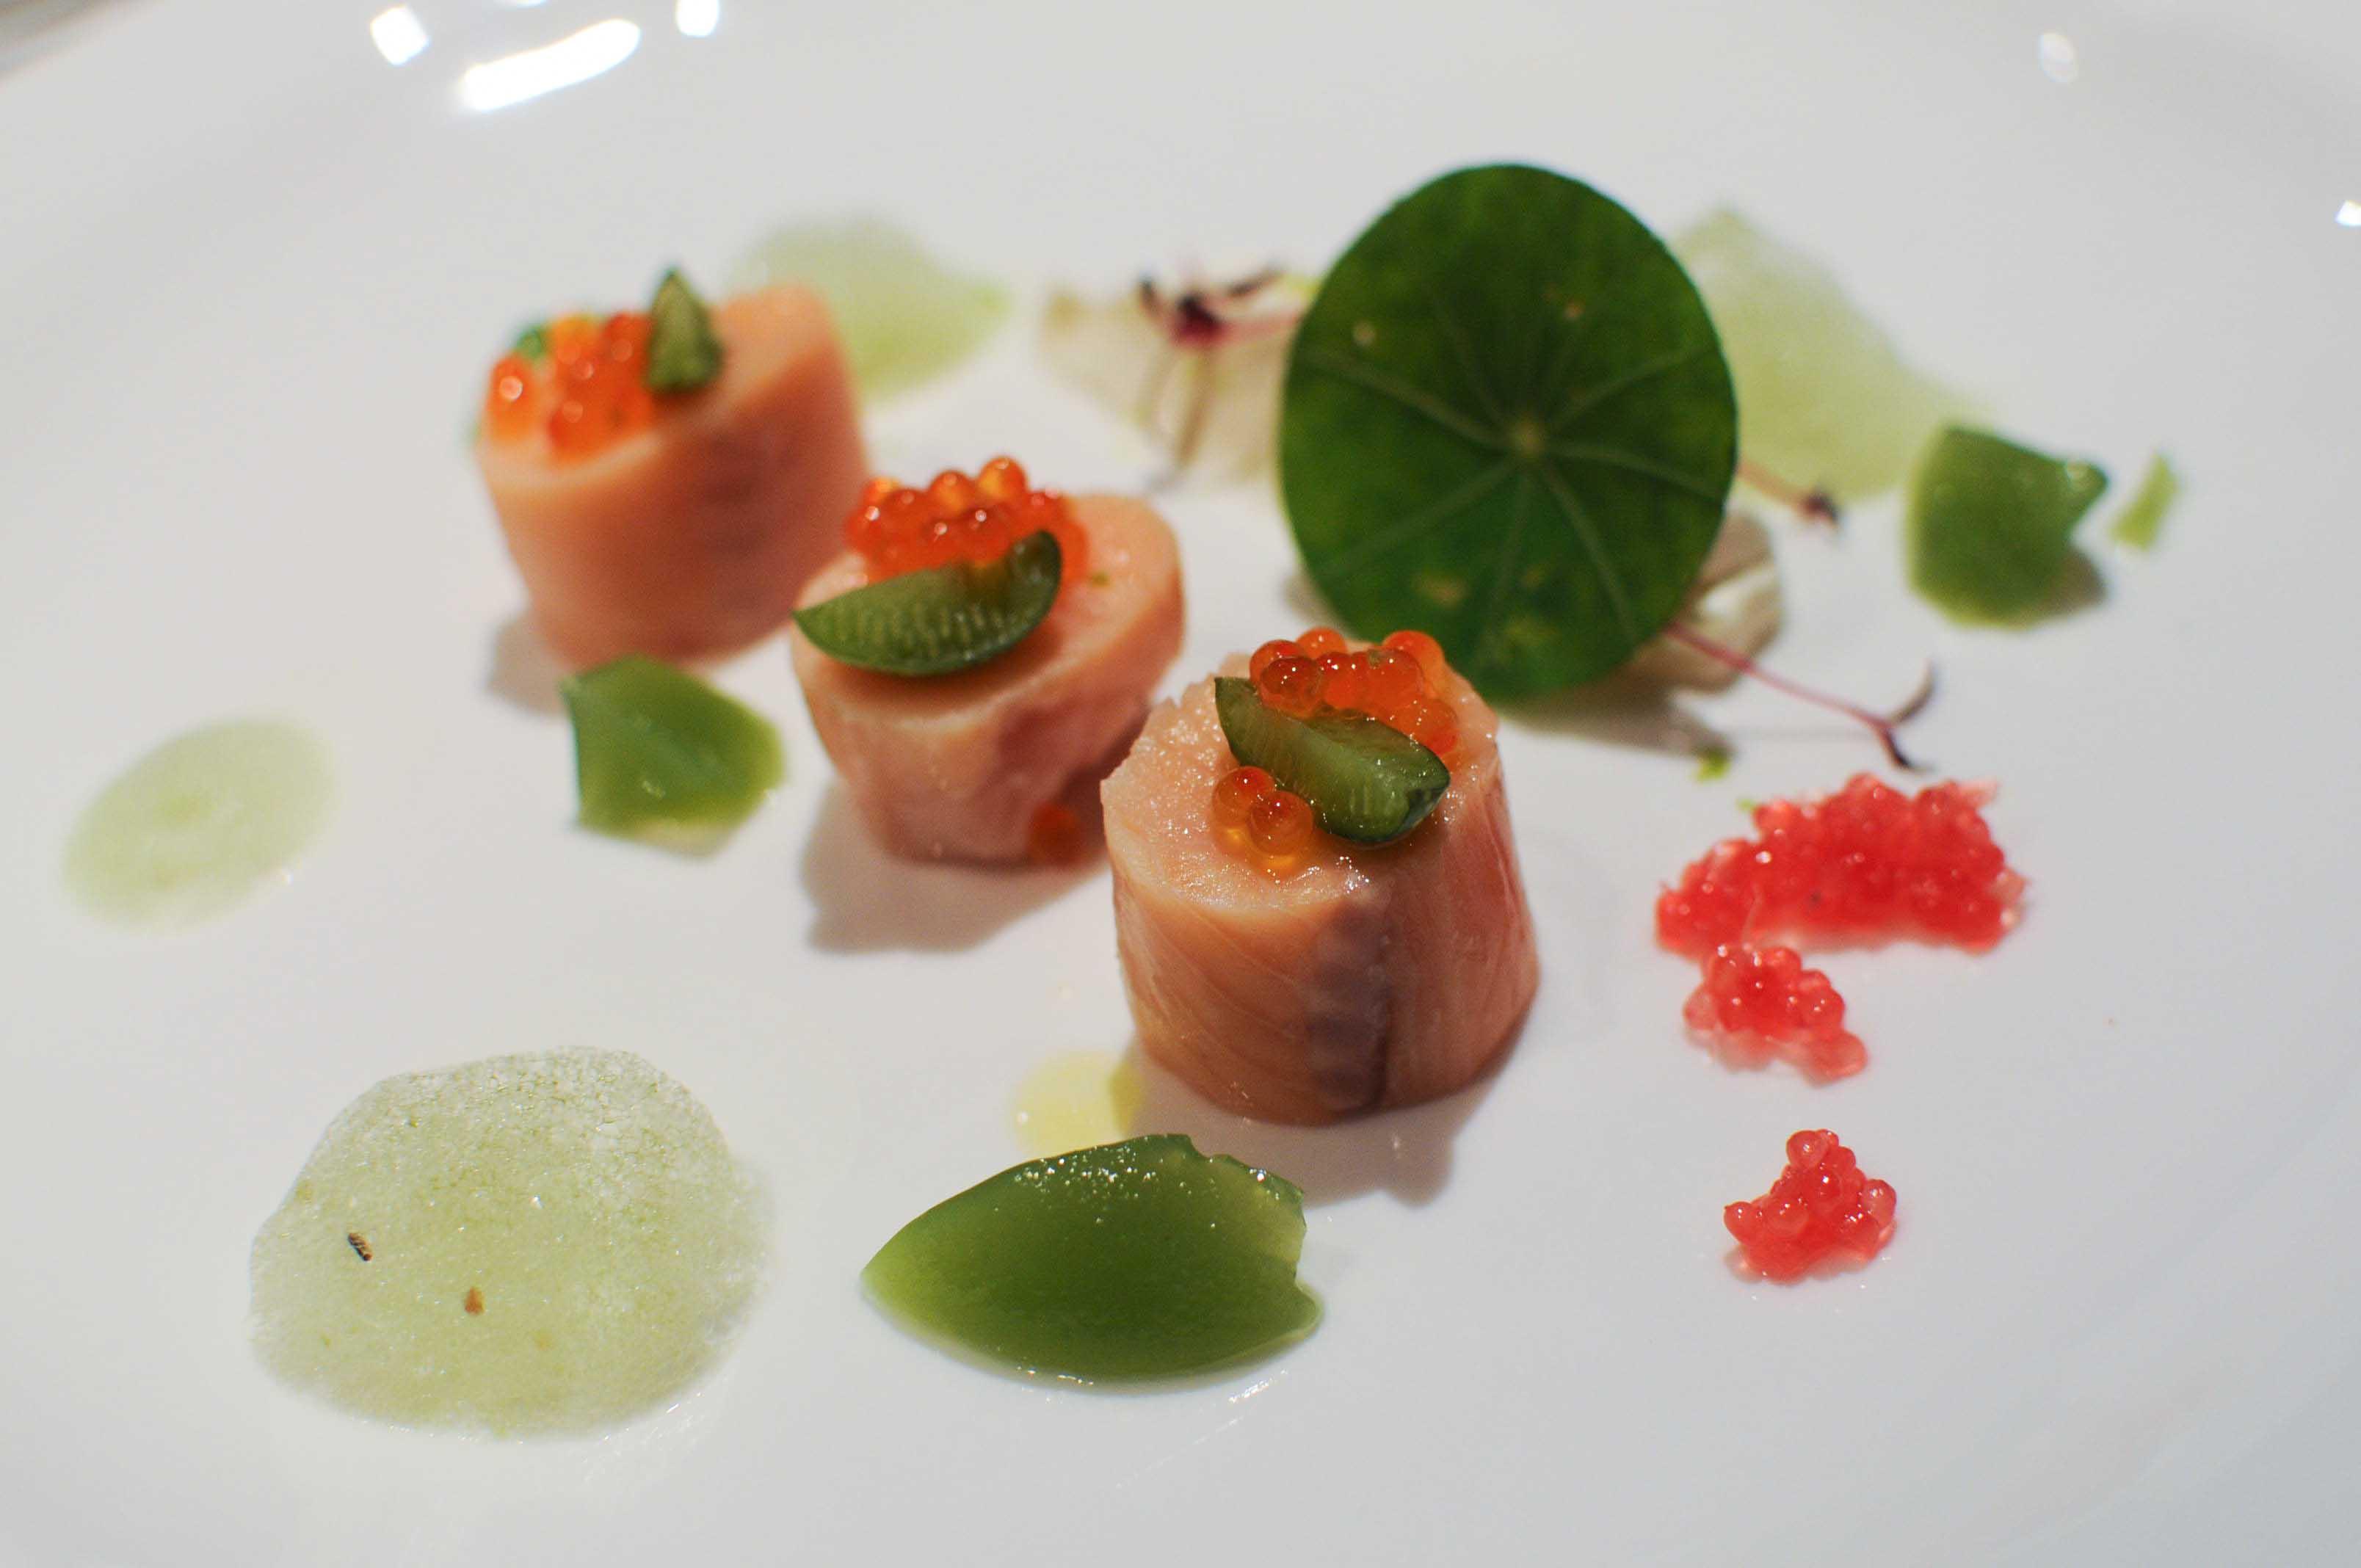 Truite fum e la table du gourmet riquewihr 14 - Restaurant riquewihr table du gourmet ...